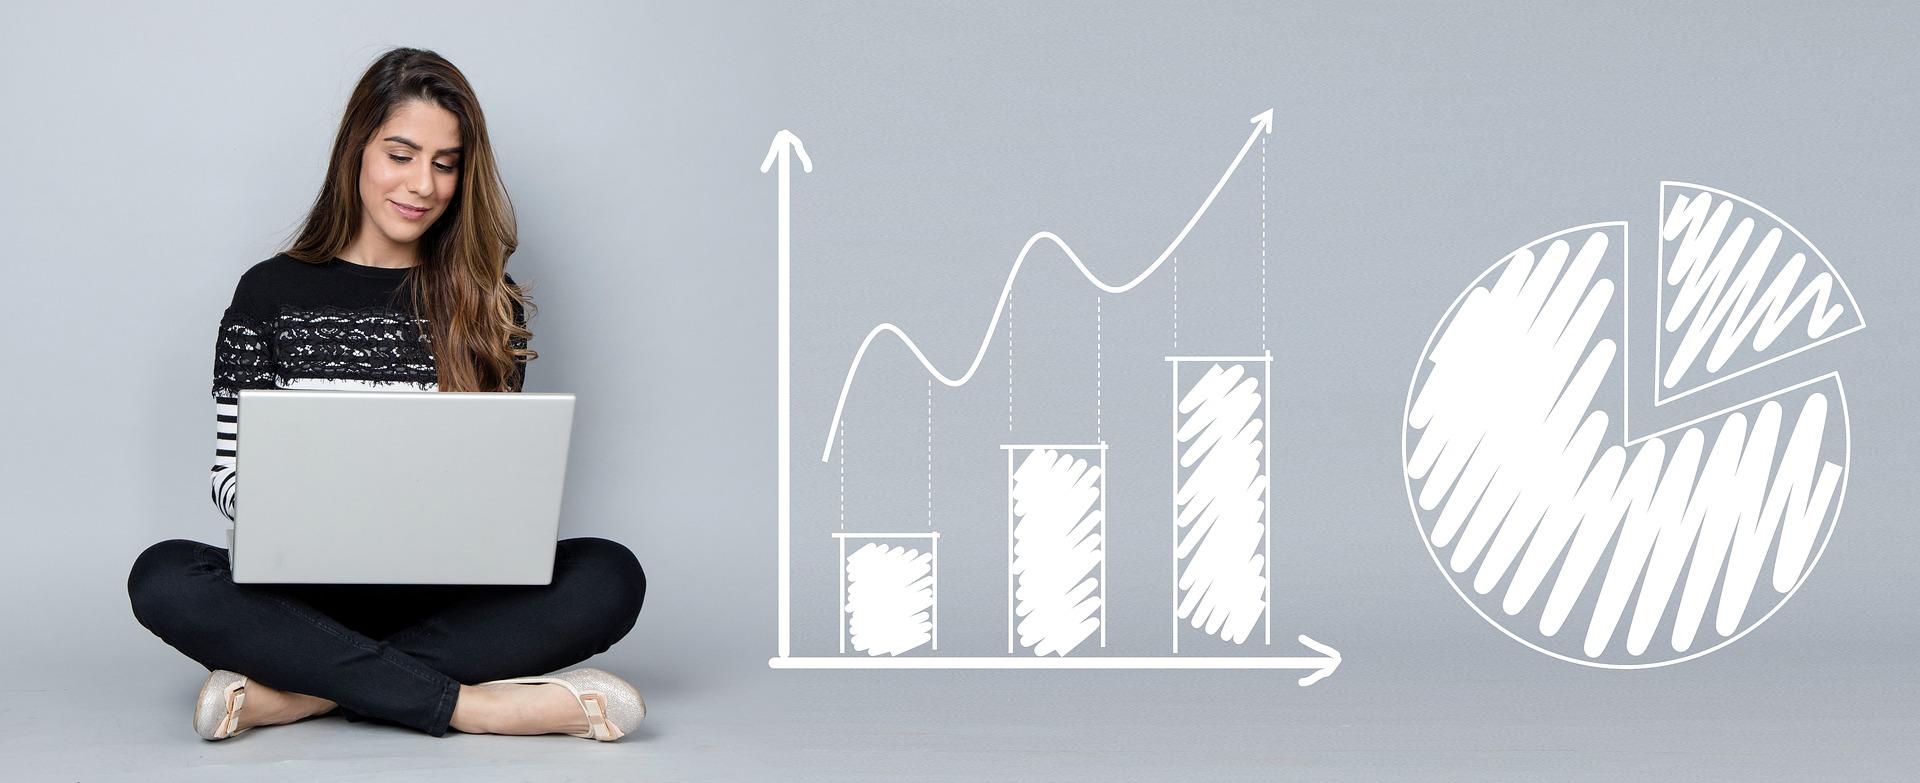 Cosa significa quota di mercato?